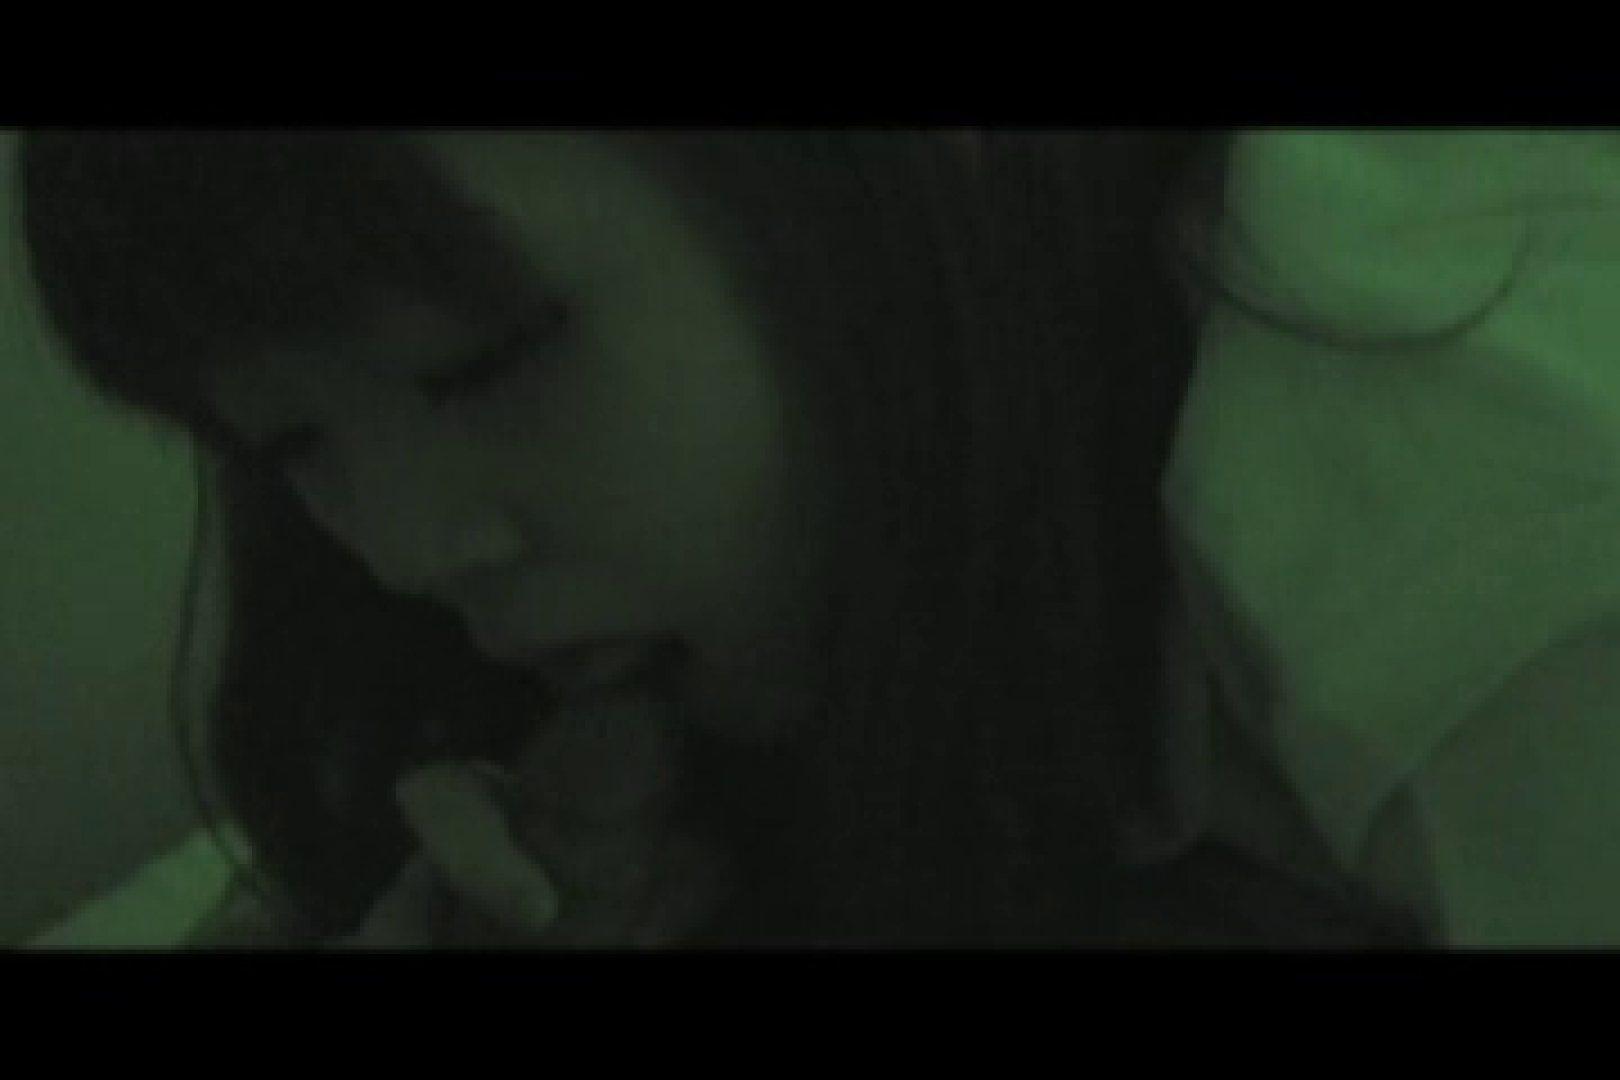 ヤリマンと呼ばれた看護士さんvol3 フェラ のぞき動画画像 41連発 27